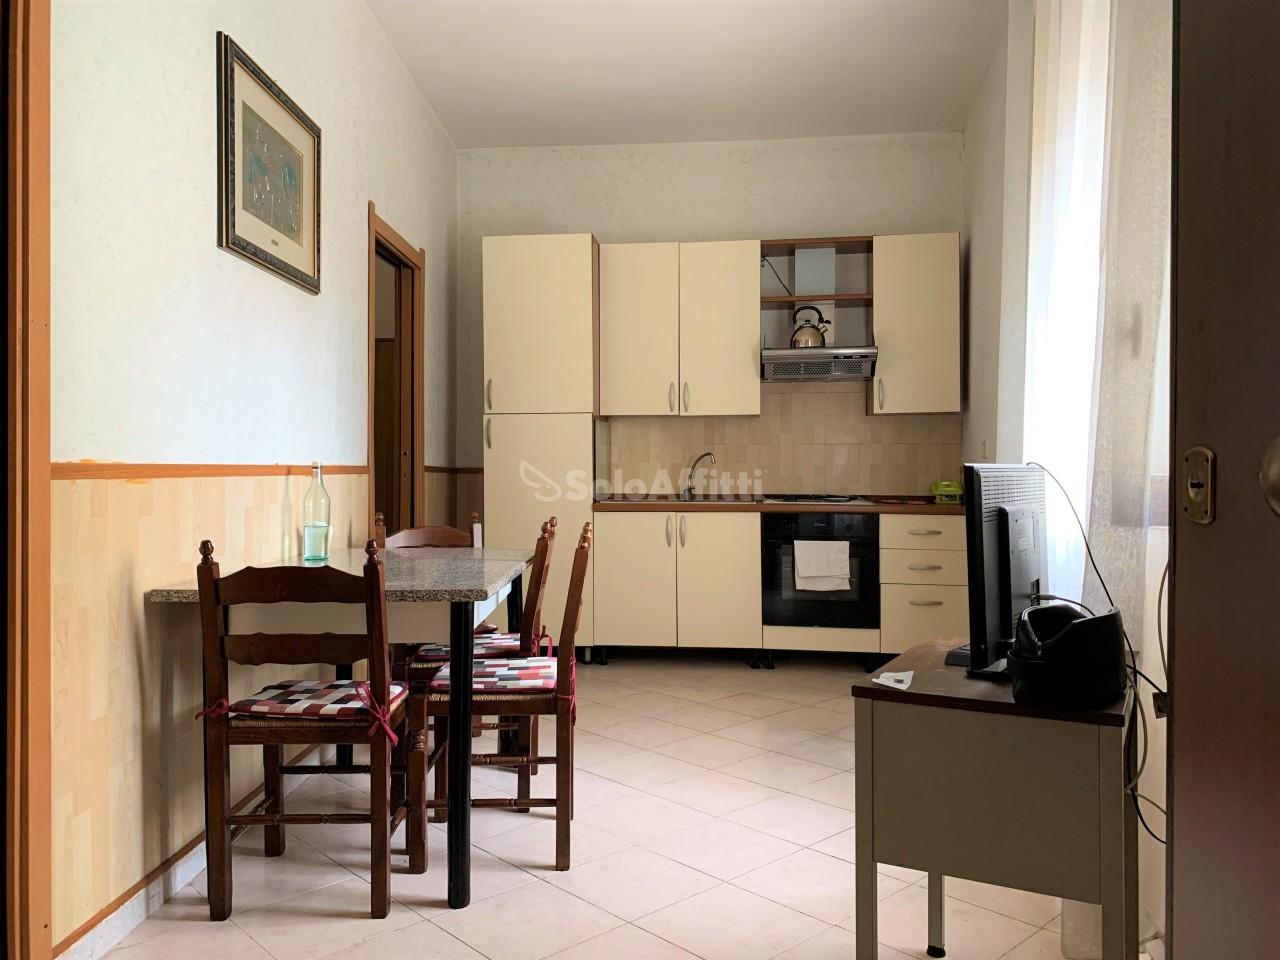 Appartamento in affitto a Catanzaro (CZ)